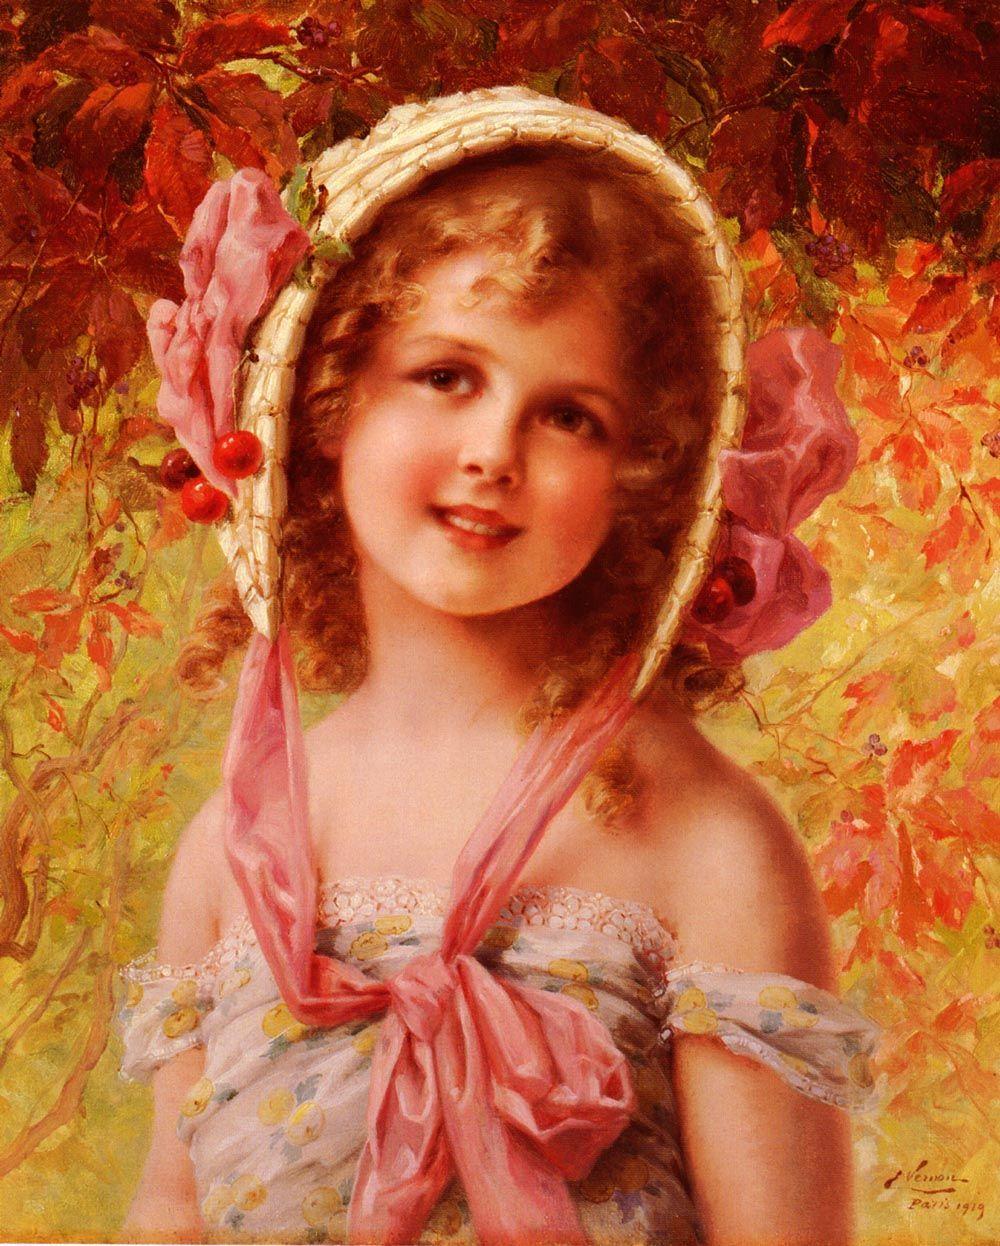 The Cherry Bonnet by Emile Vernon